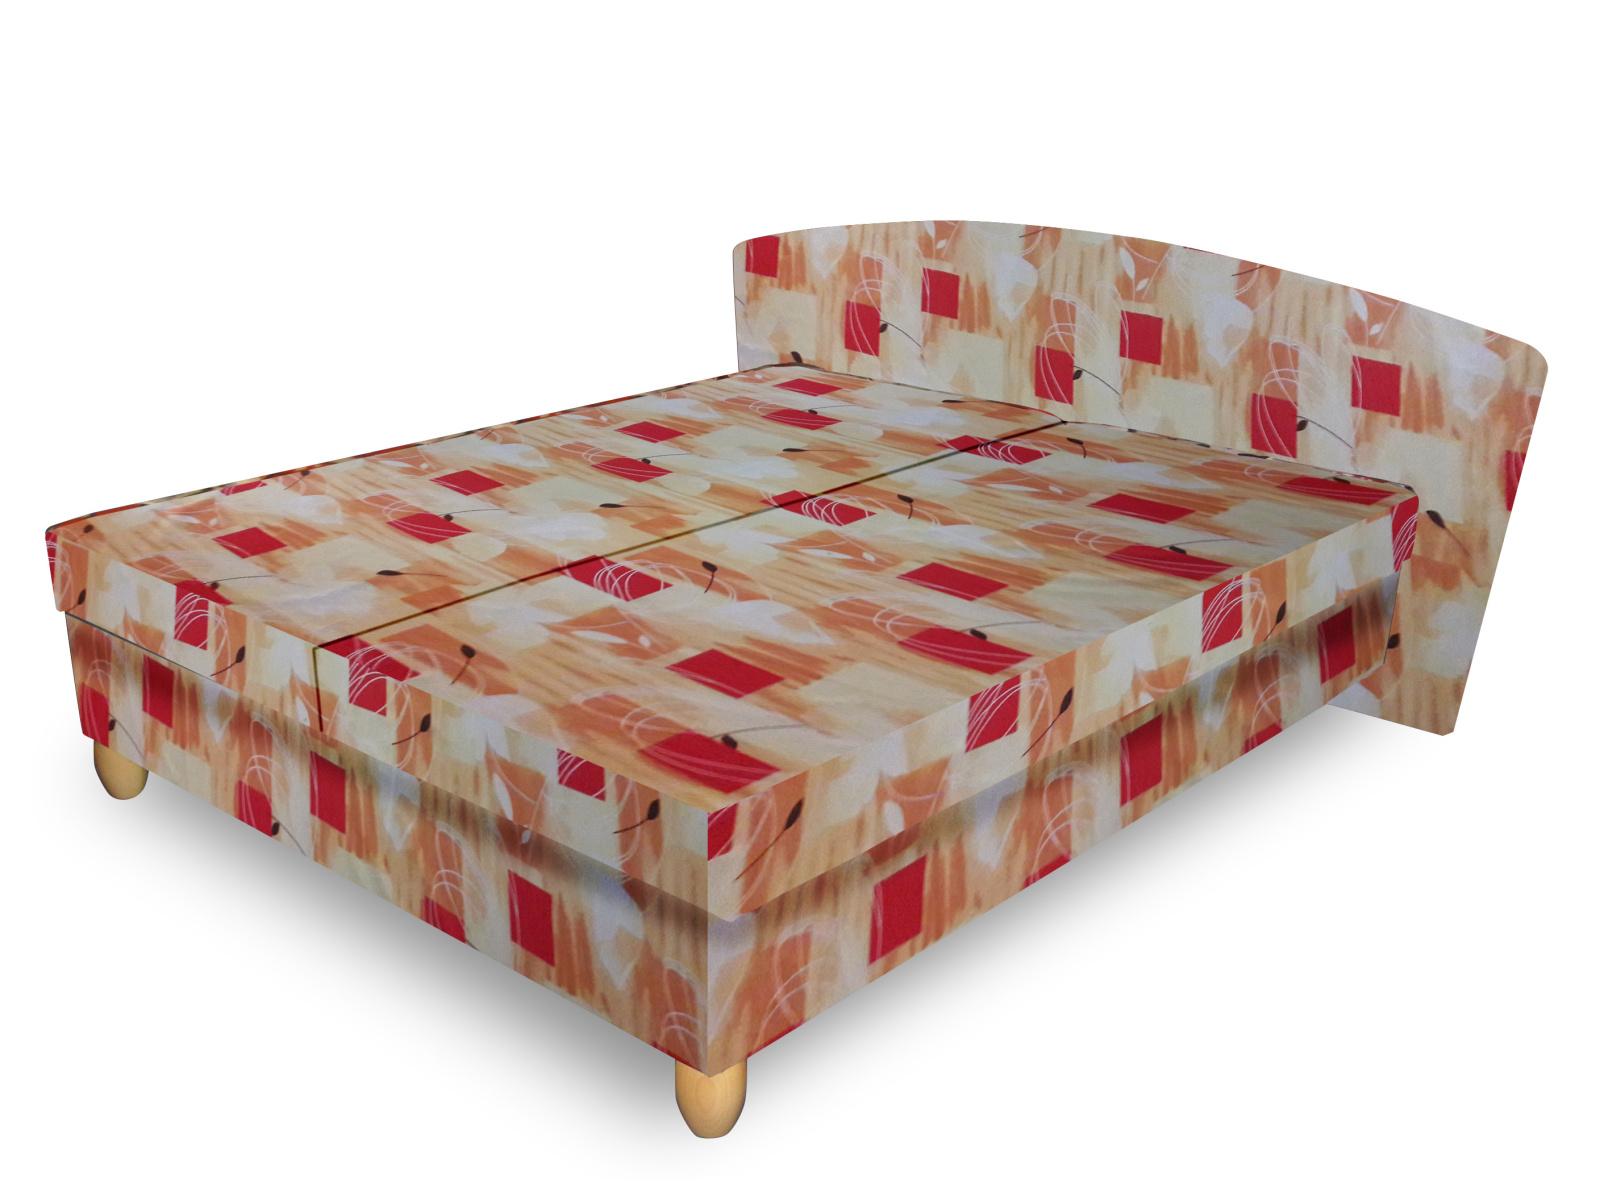 Smartshop Čalouněná postel NICOL 120x200 cm, oranžová látka